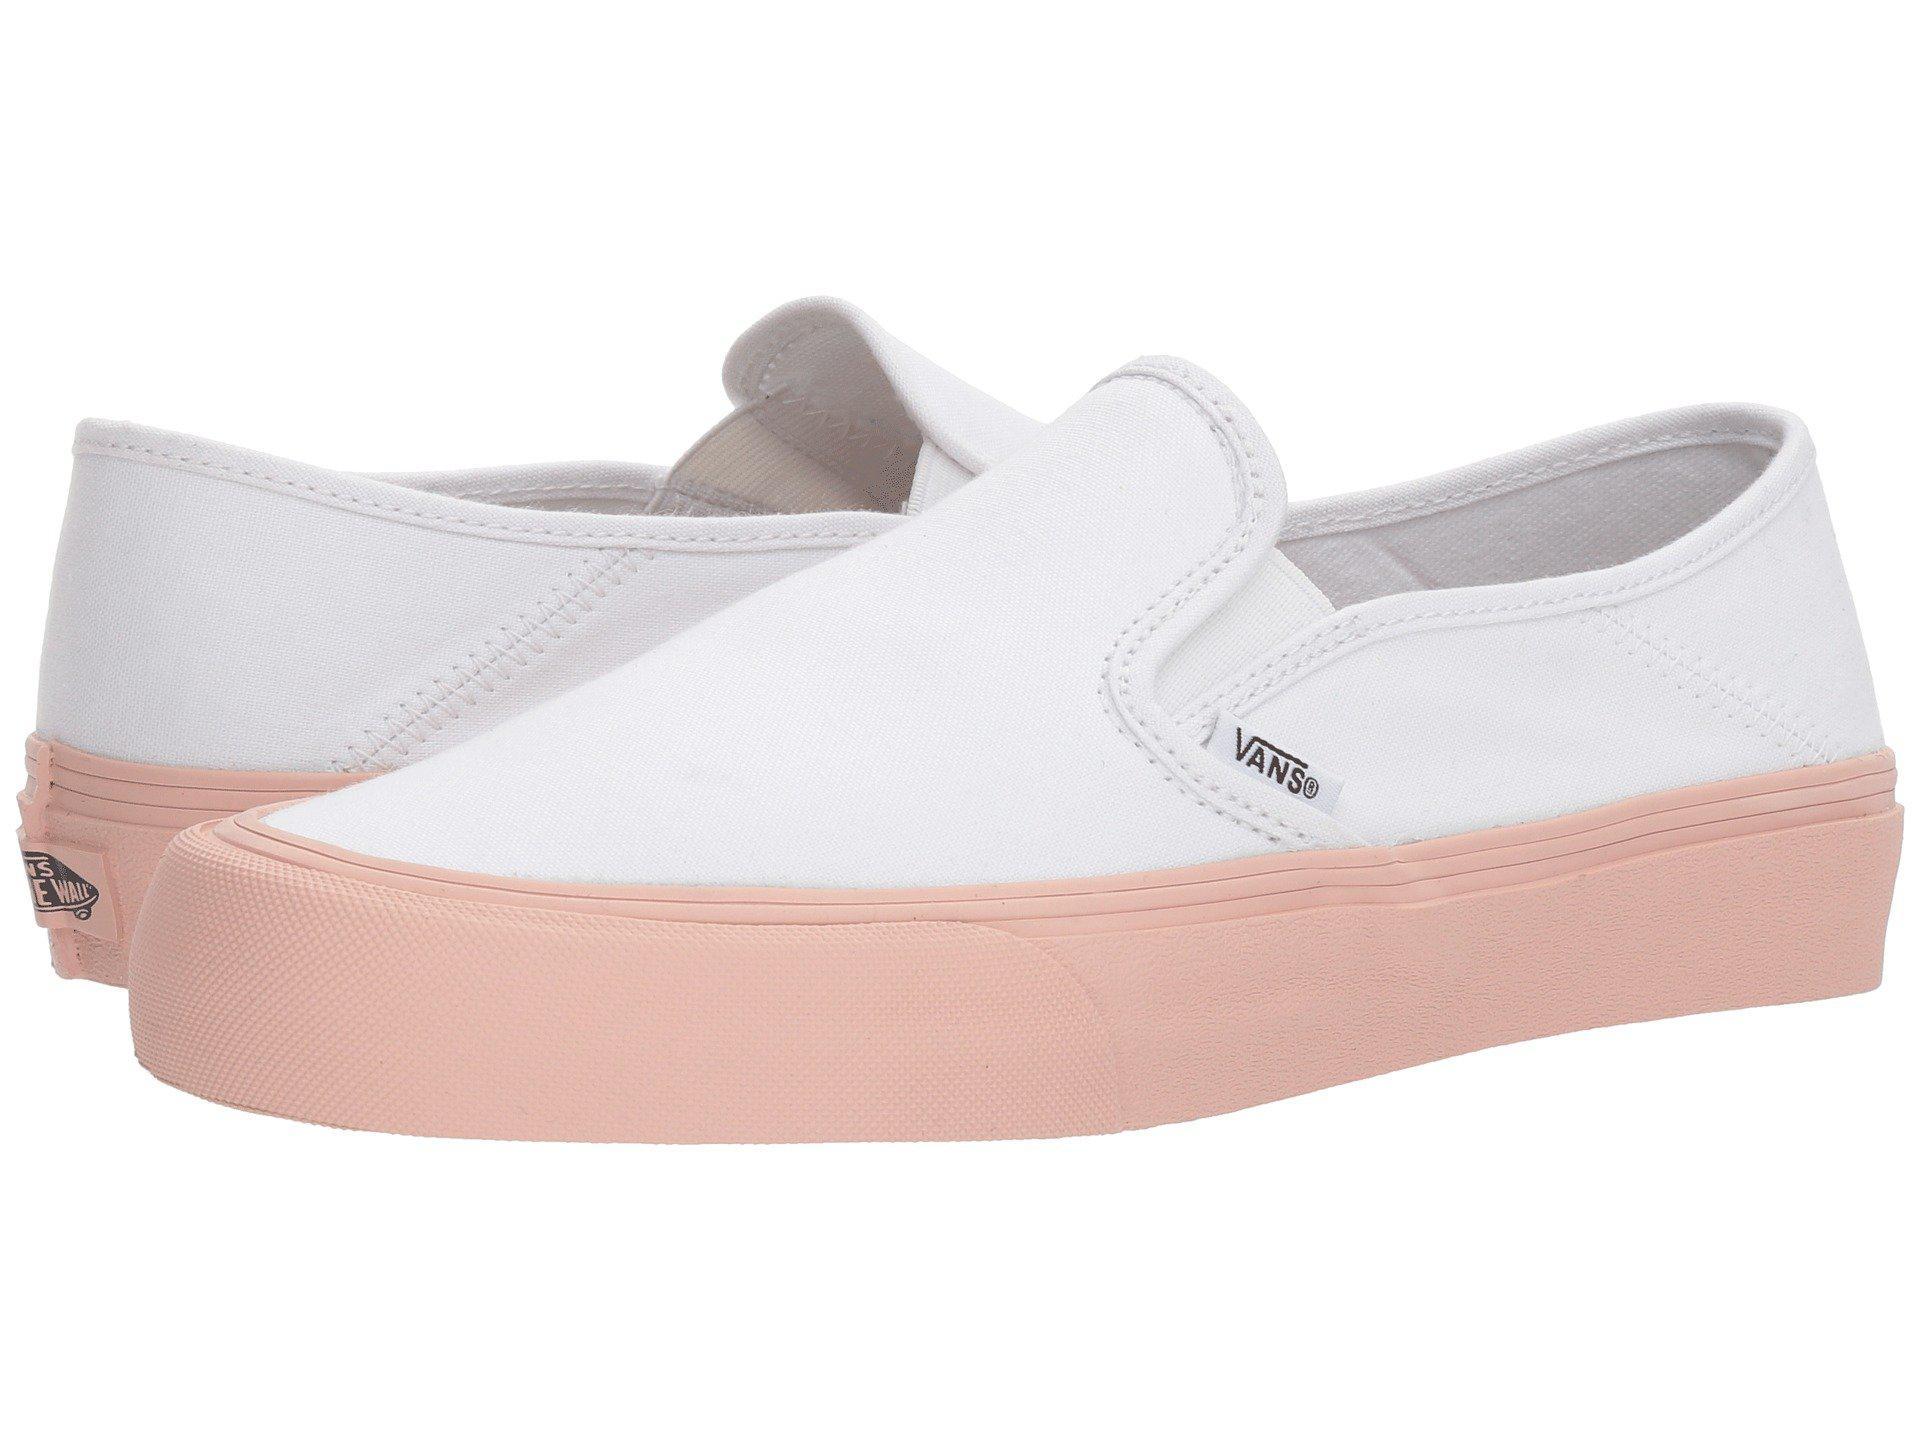 5485c6217c Lyst - Vans Slip-on Sf ((hemp) Leopard  18) Skate Shoes in White